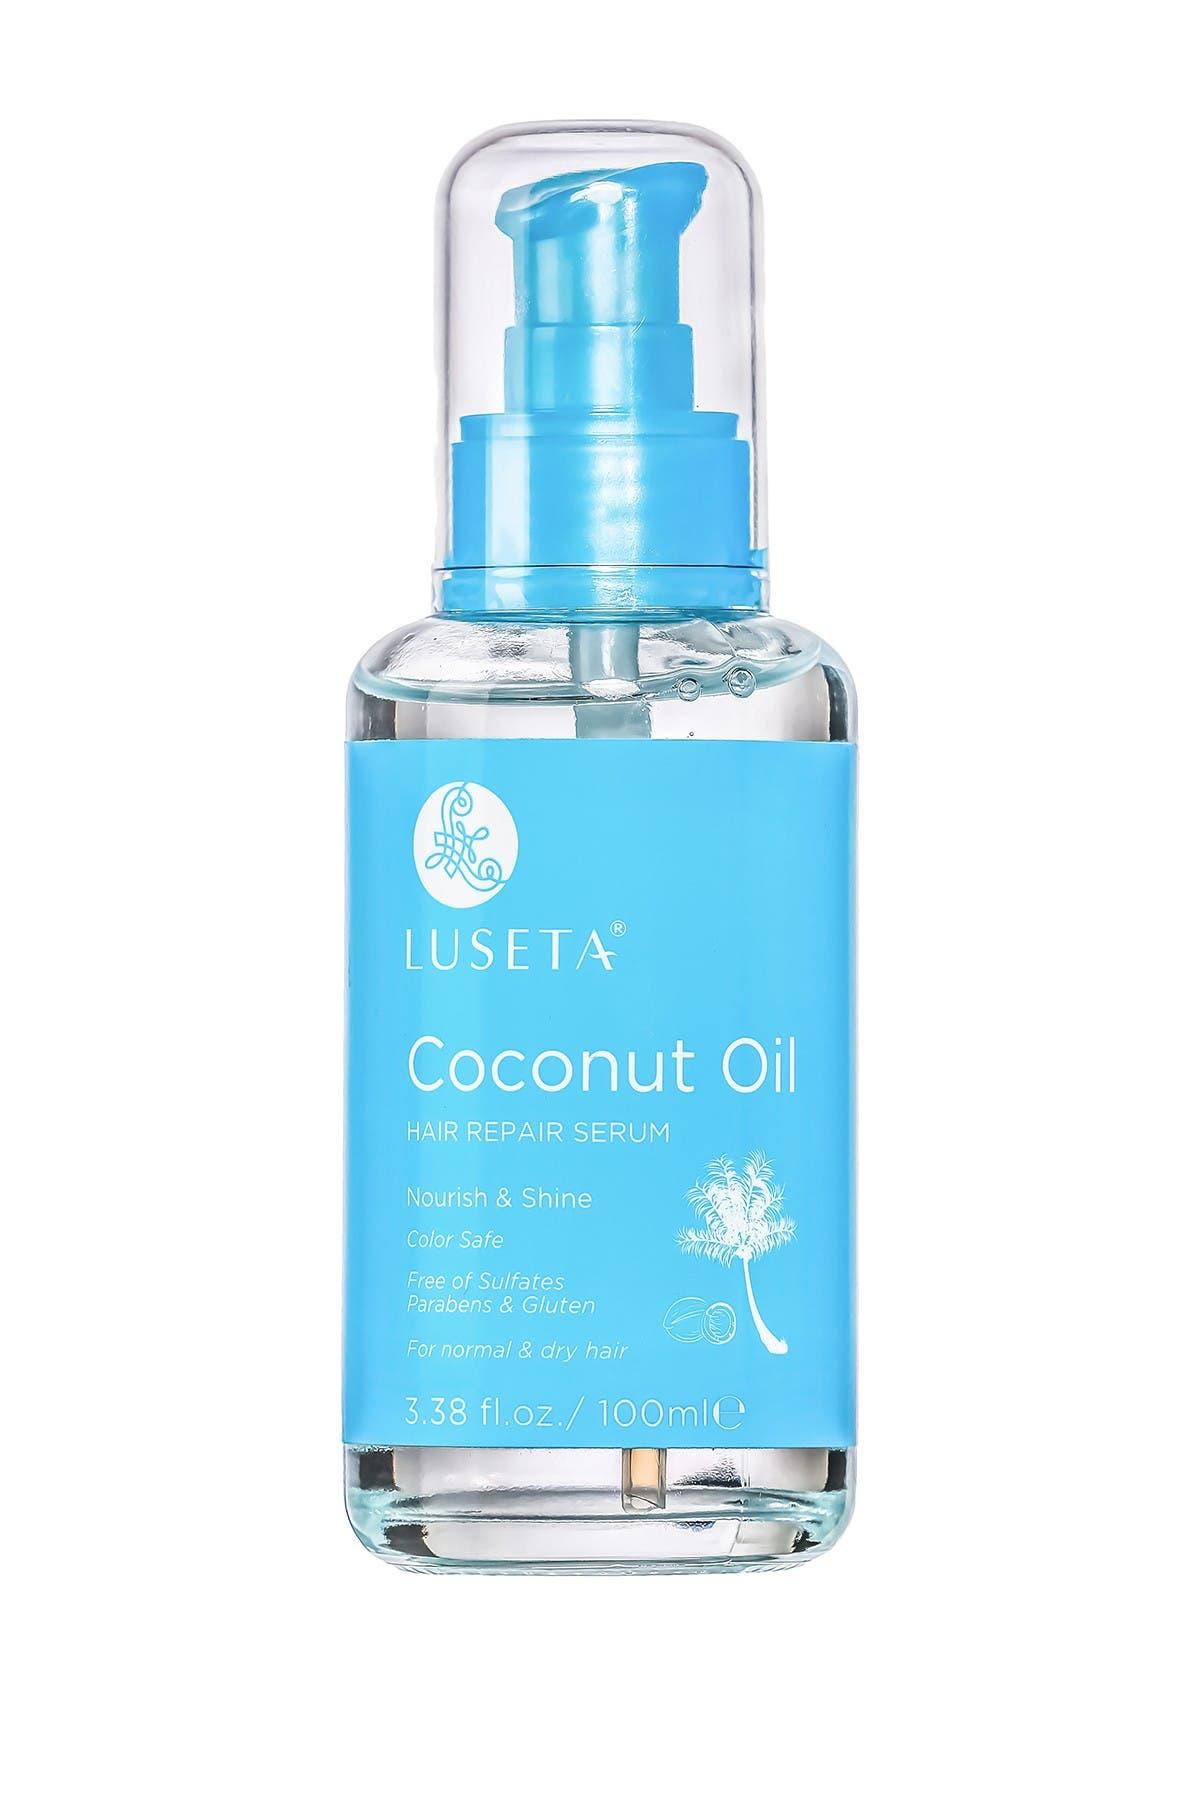 Image of Luseta Beauty Coconut Oil Hair Repair Serum - 3.38 oz.